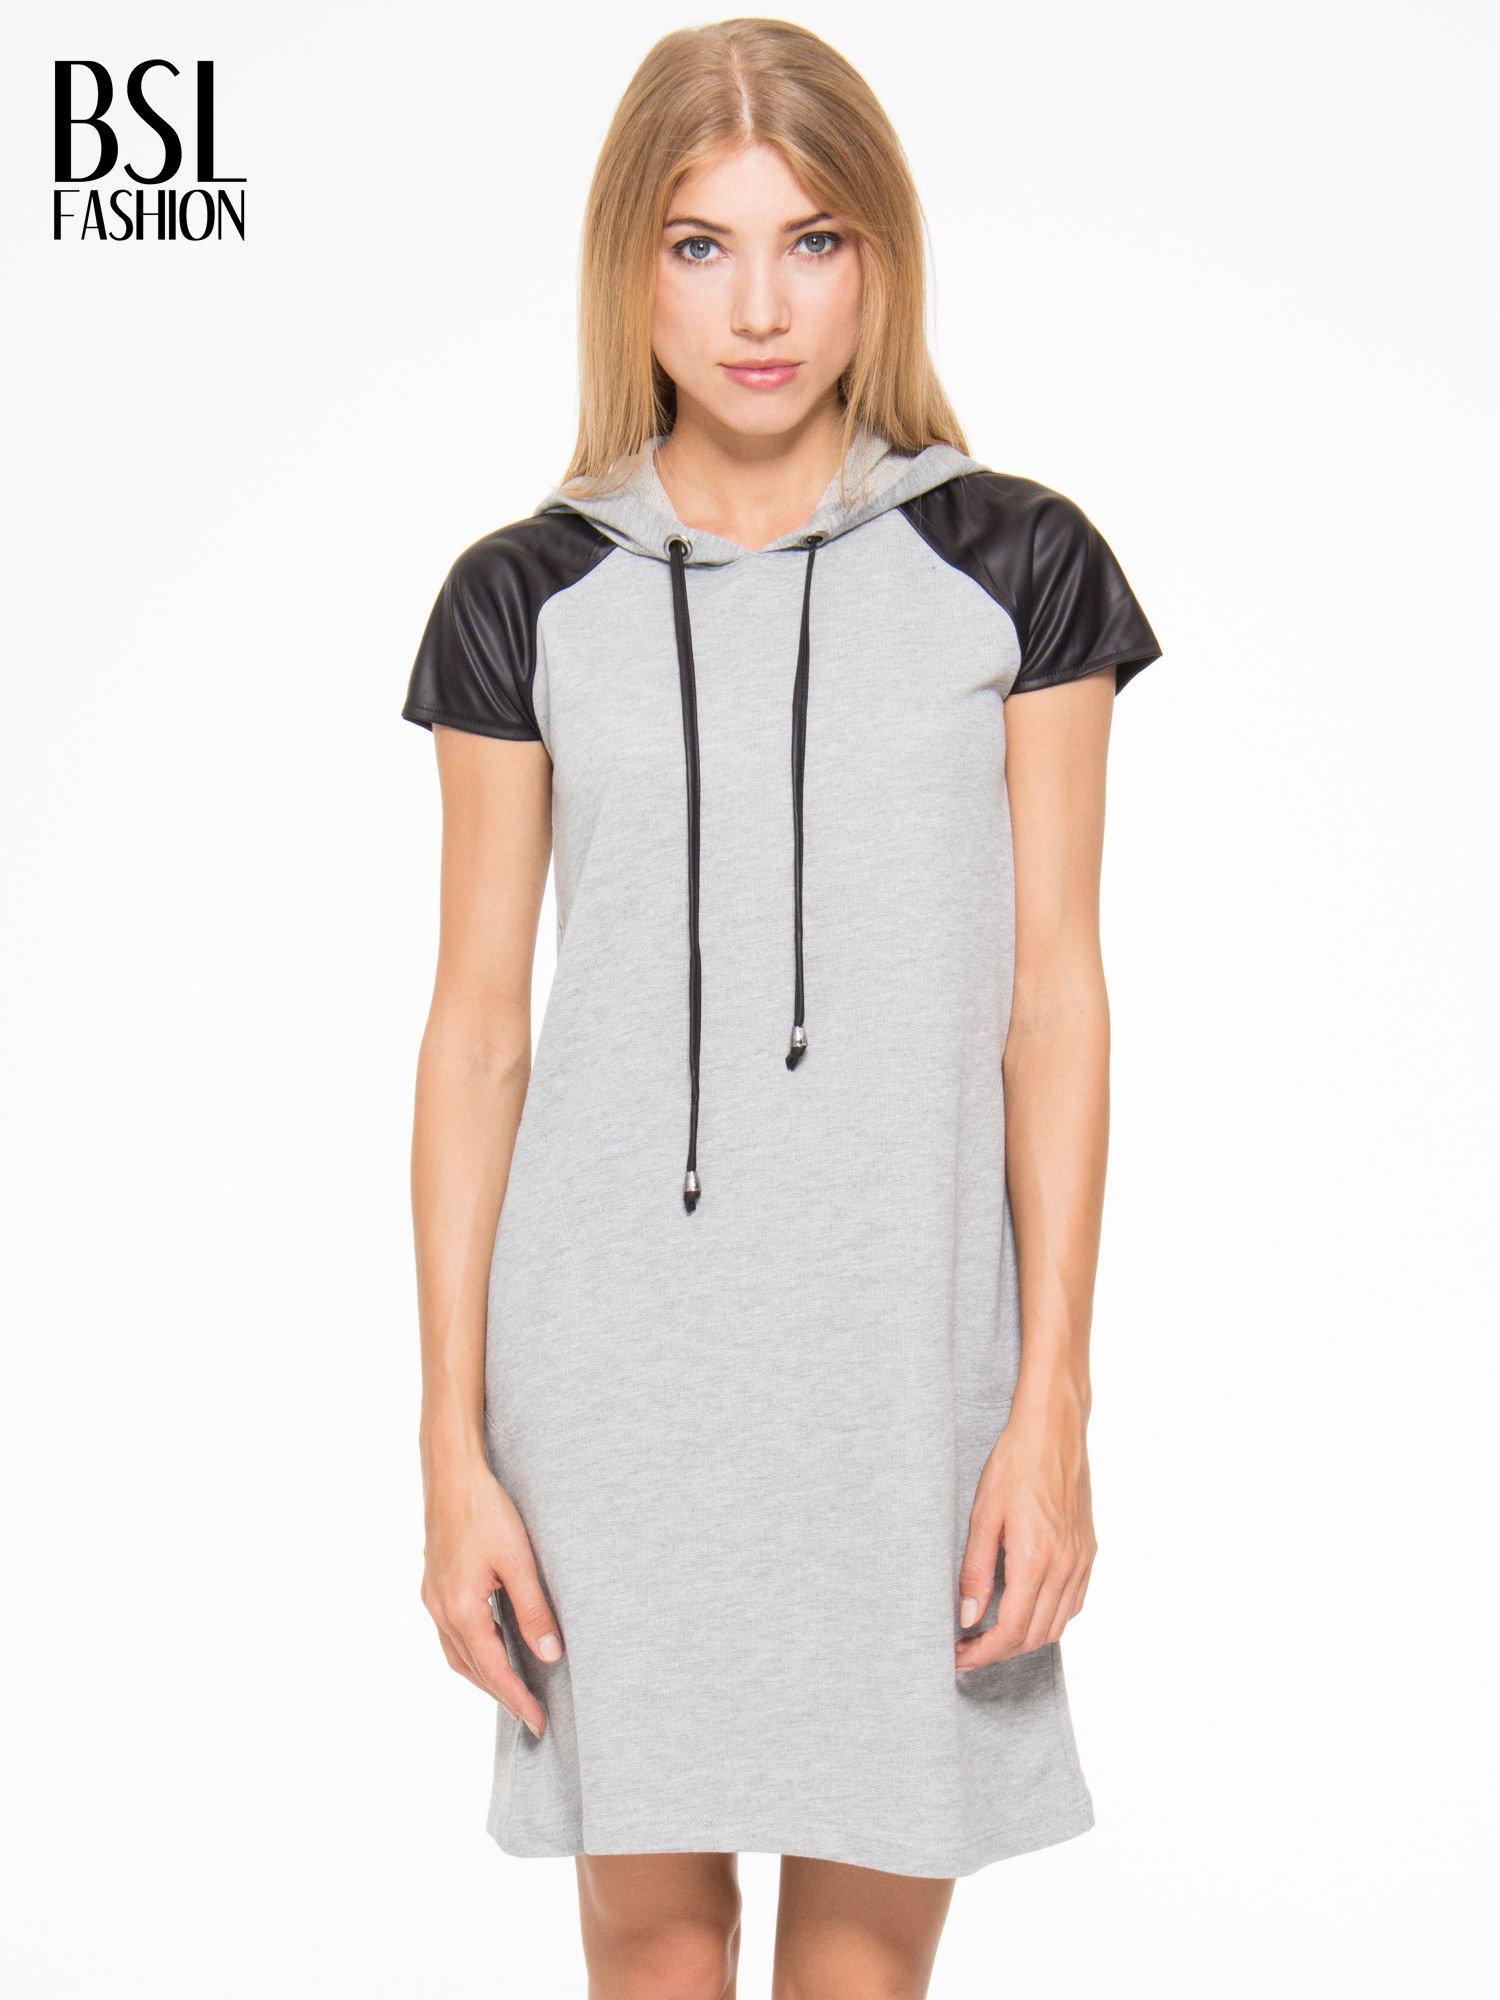 Szara sukienka z kapturem z wstawkami ze skóry                                  zdj.                                  1